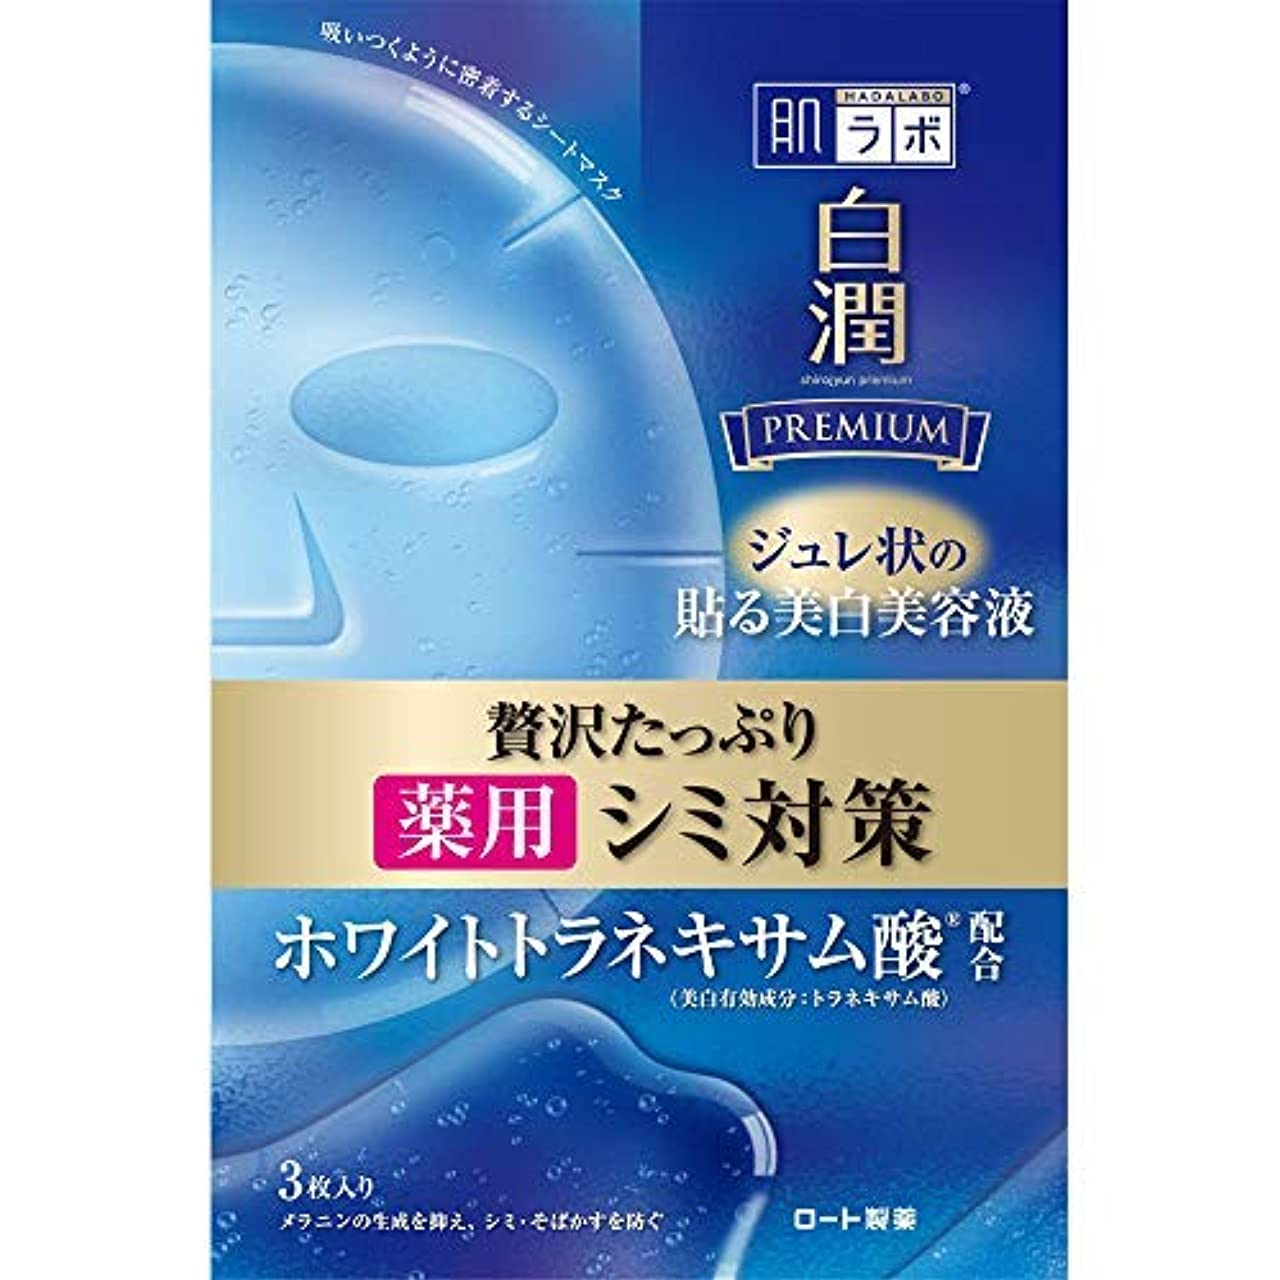 首財産二十肌ラボ 白潤プレミアム 薬用浸透美白ジュレマスク × 2個セット